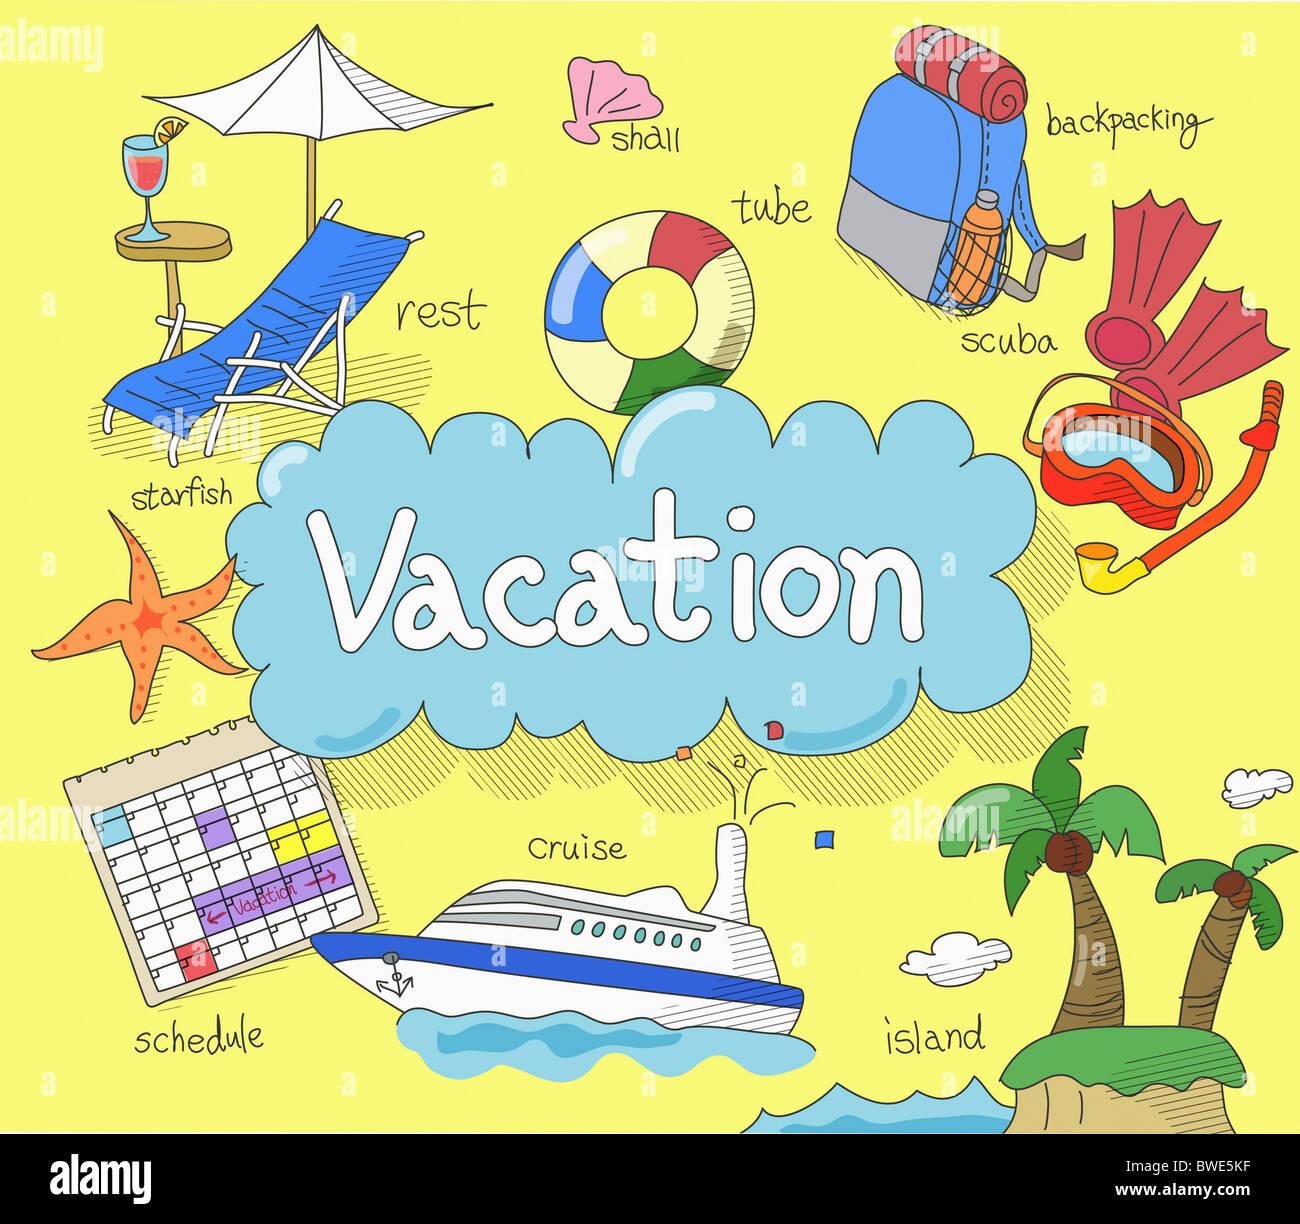 Ilustración de vacaciones Imagen De Stock